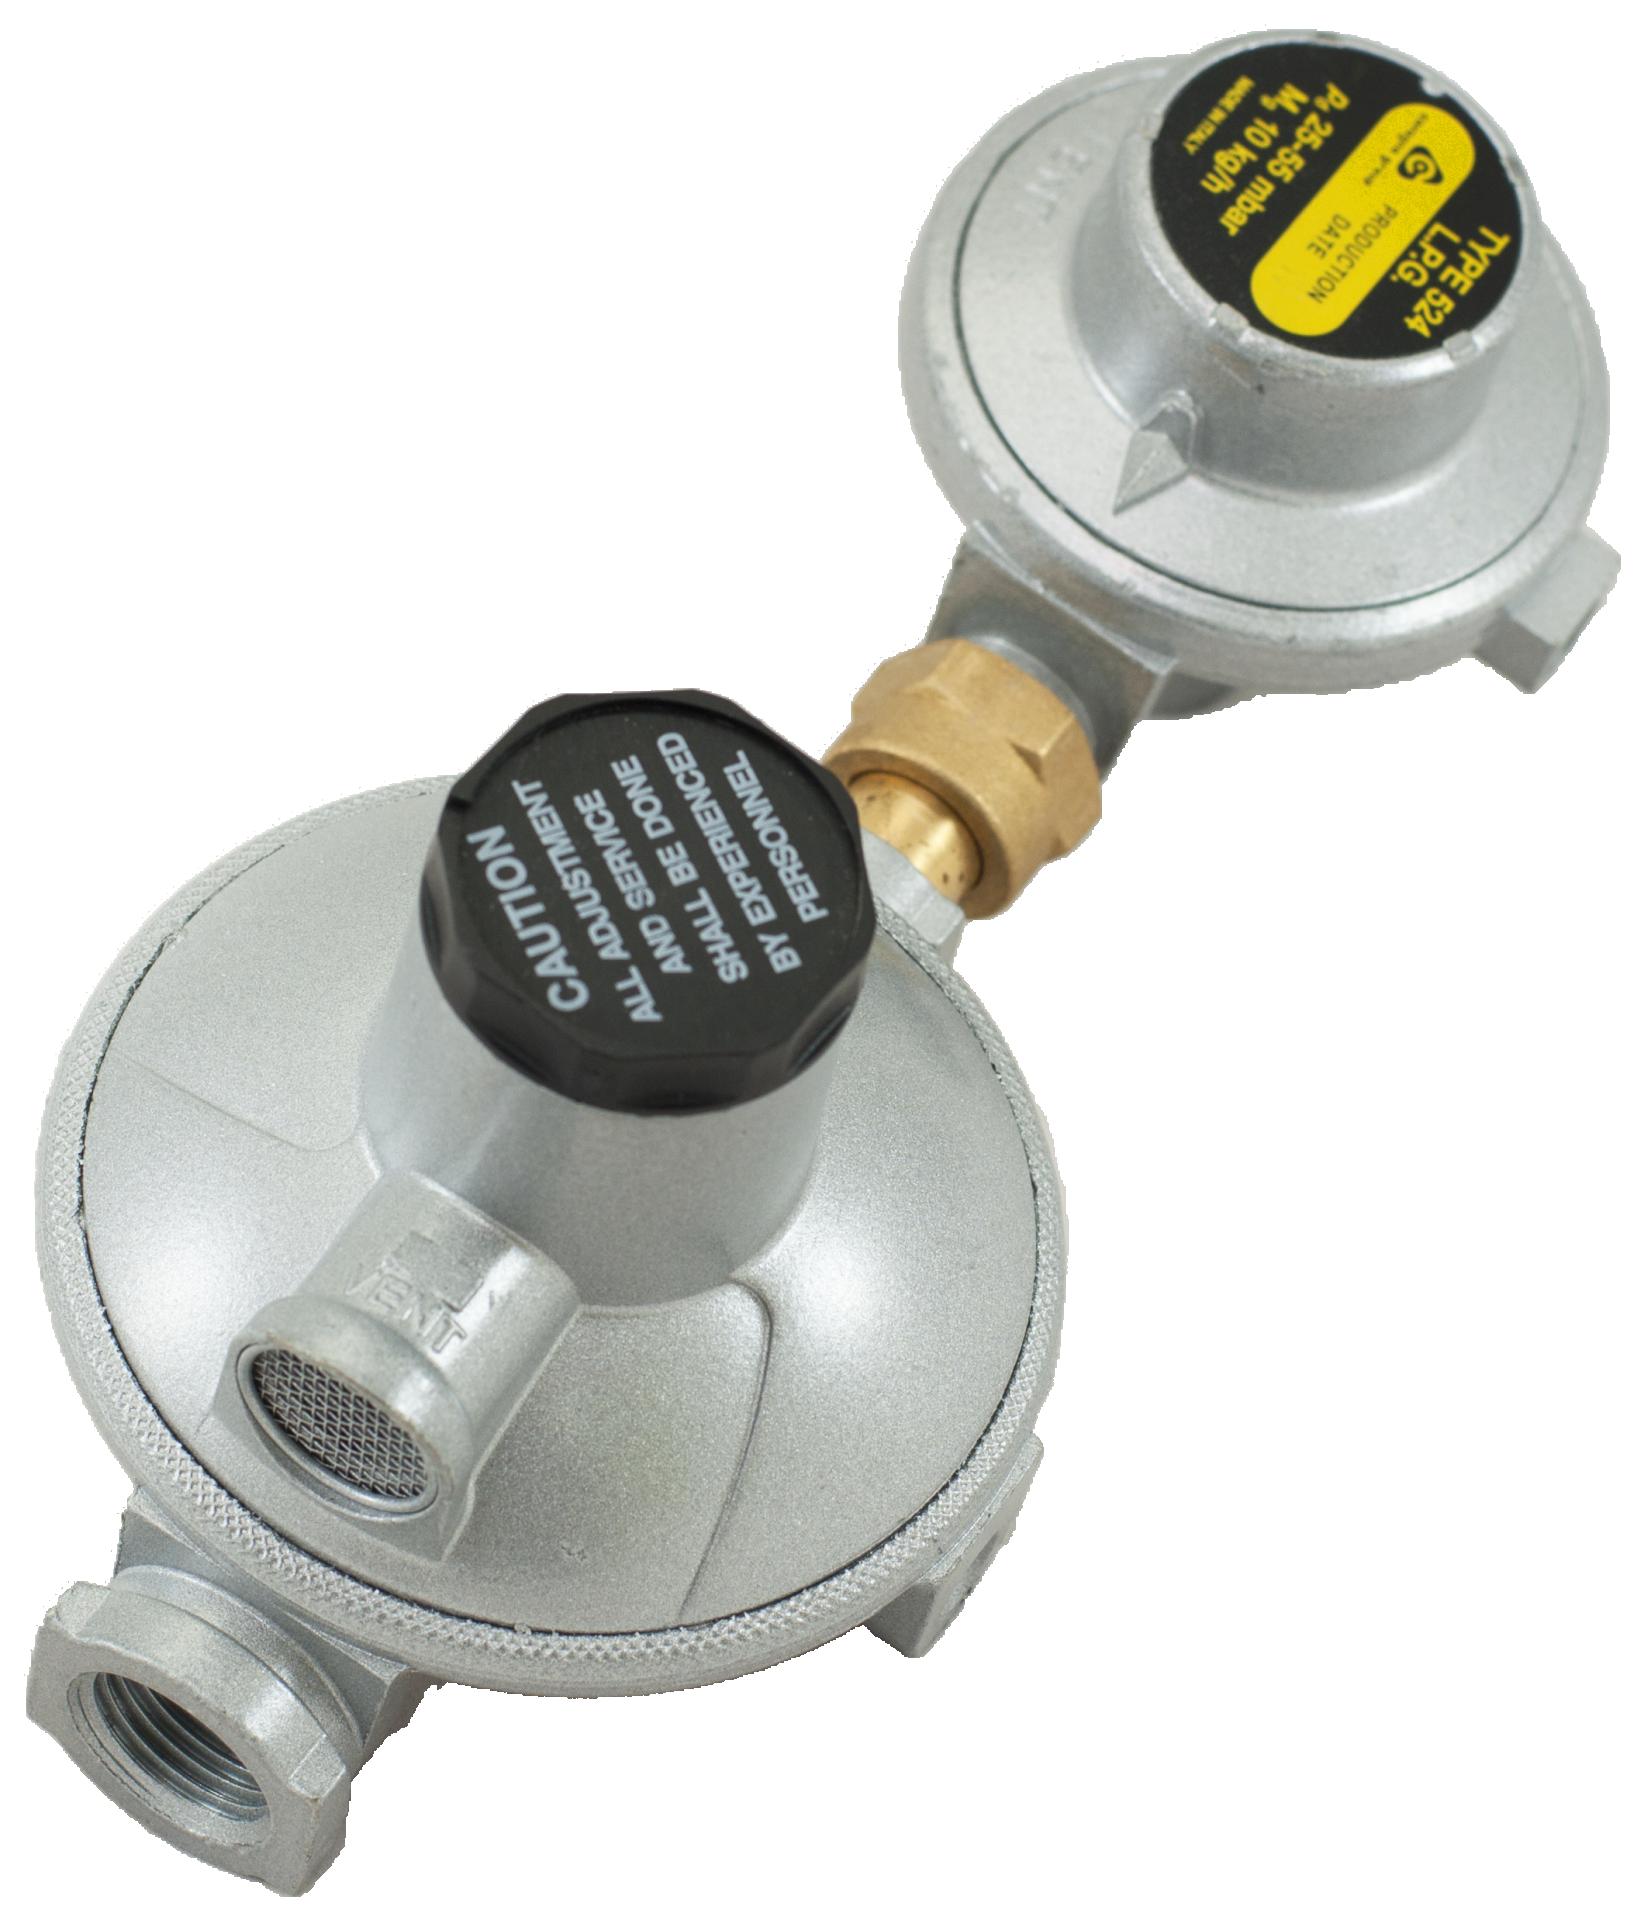 кран регулятор давления газа